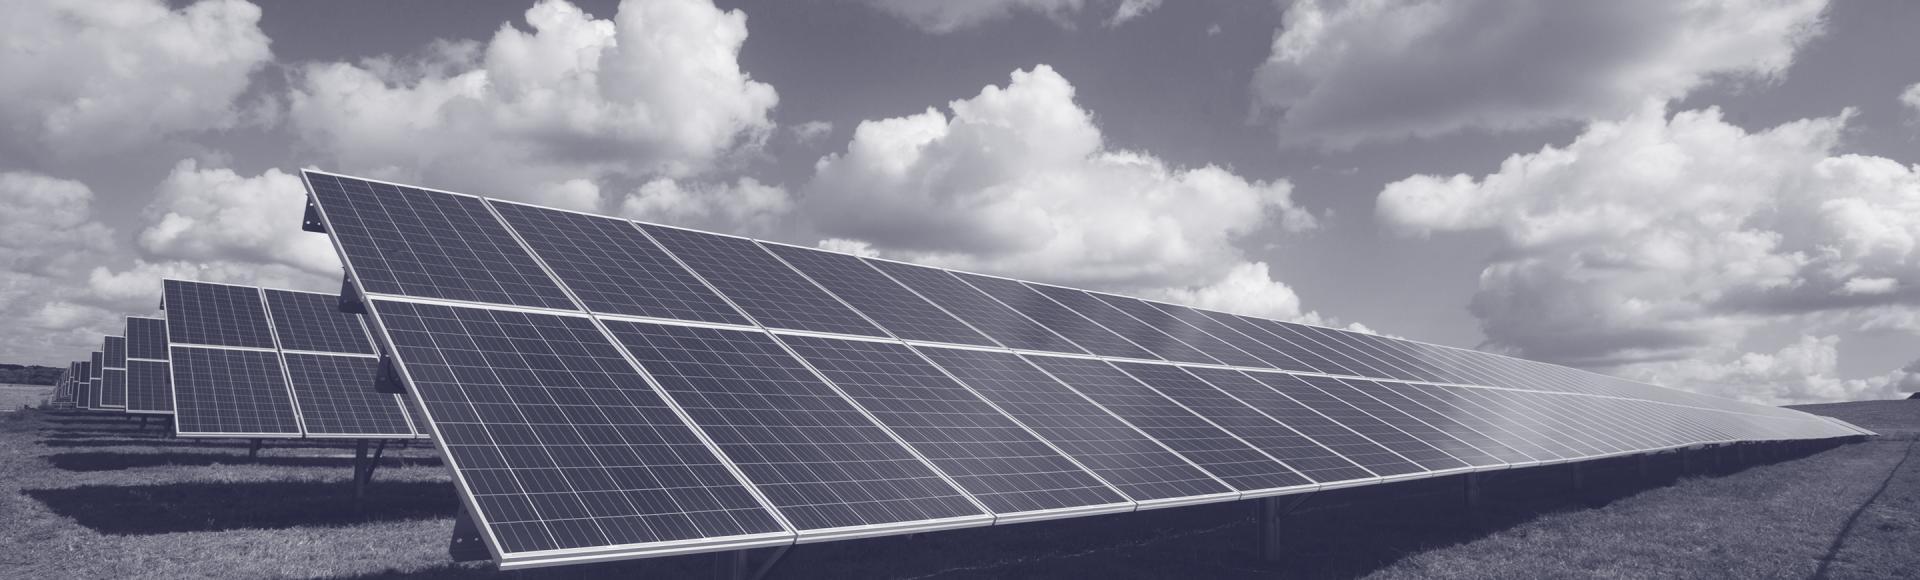 ARK-Invest_Blog-Banner_2016_12_22---Solar-Panels